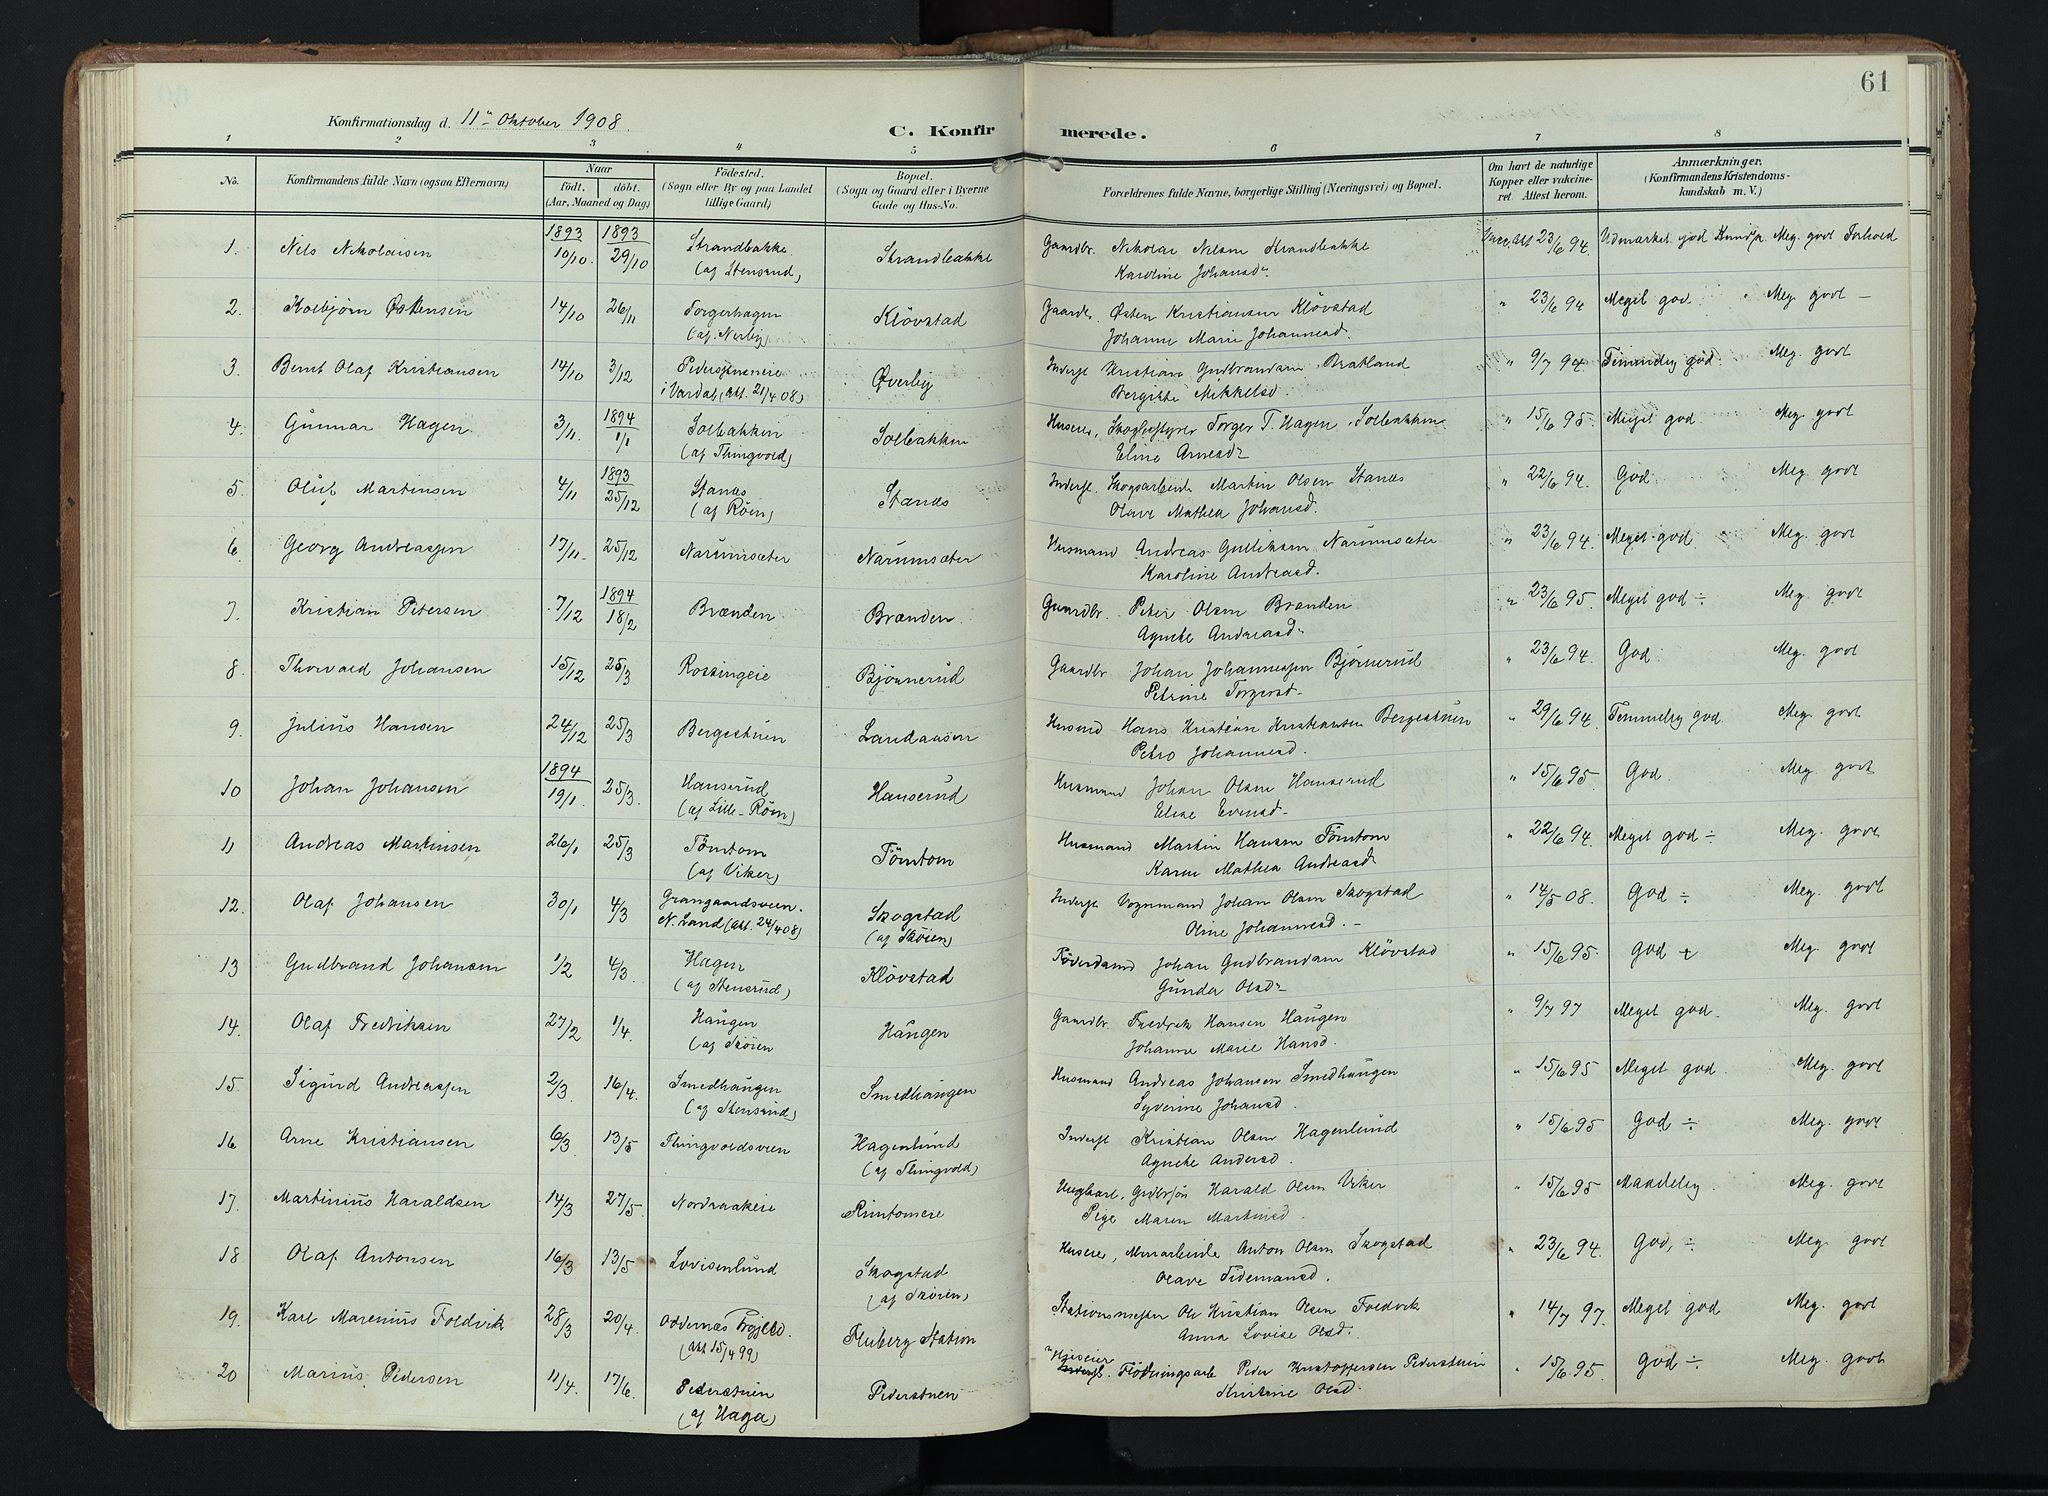 SAH, Søndre Land prestekontor, K/L0005: Ministerialbok nr. 5, 1905-1914, s. 61